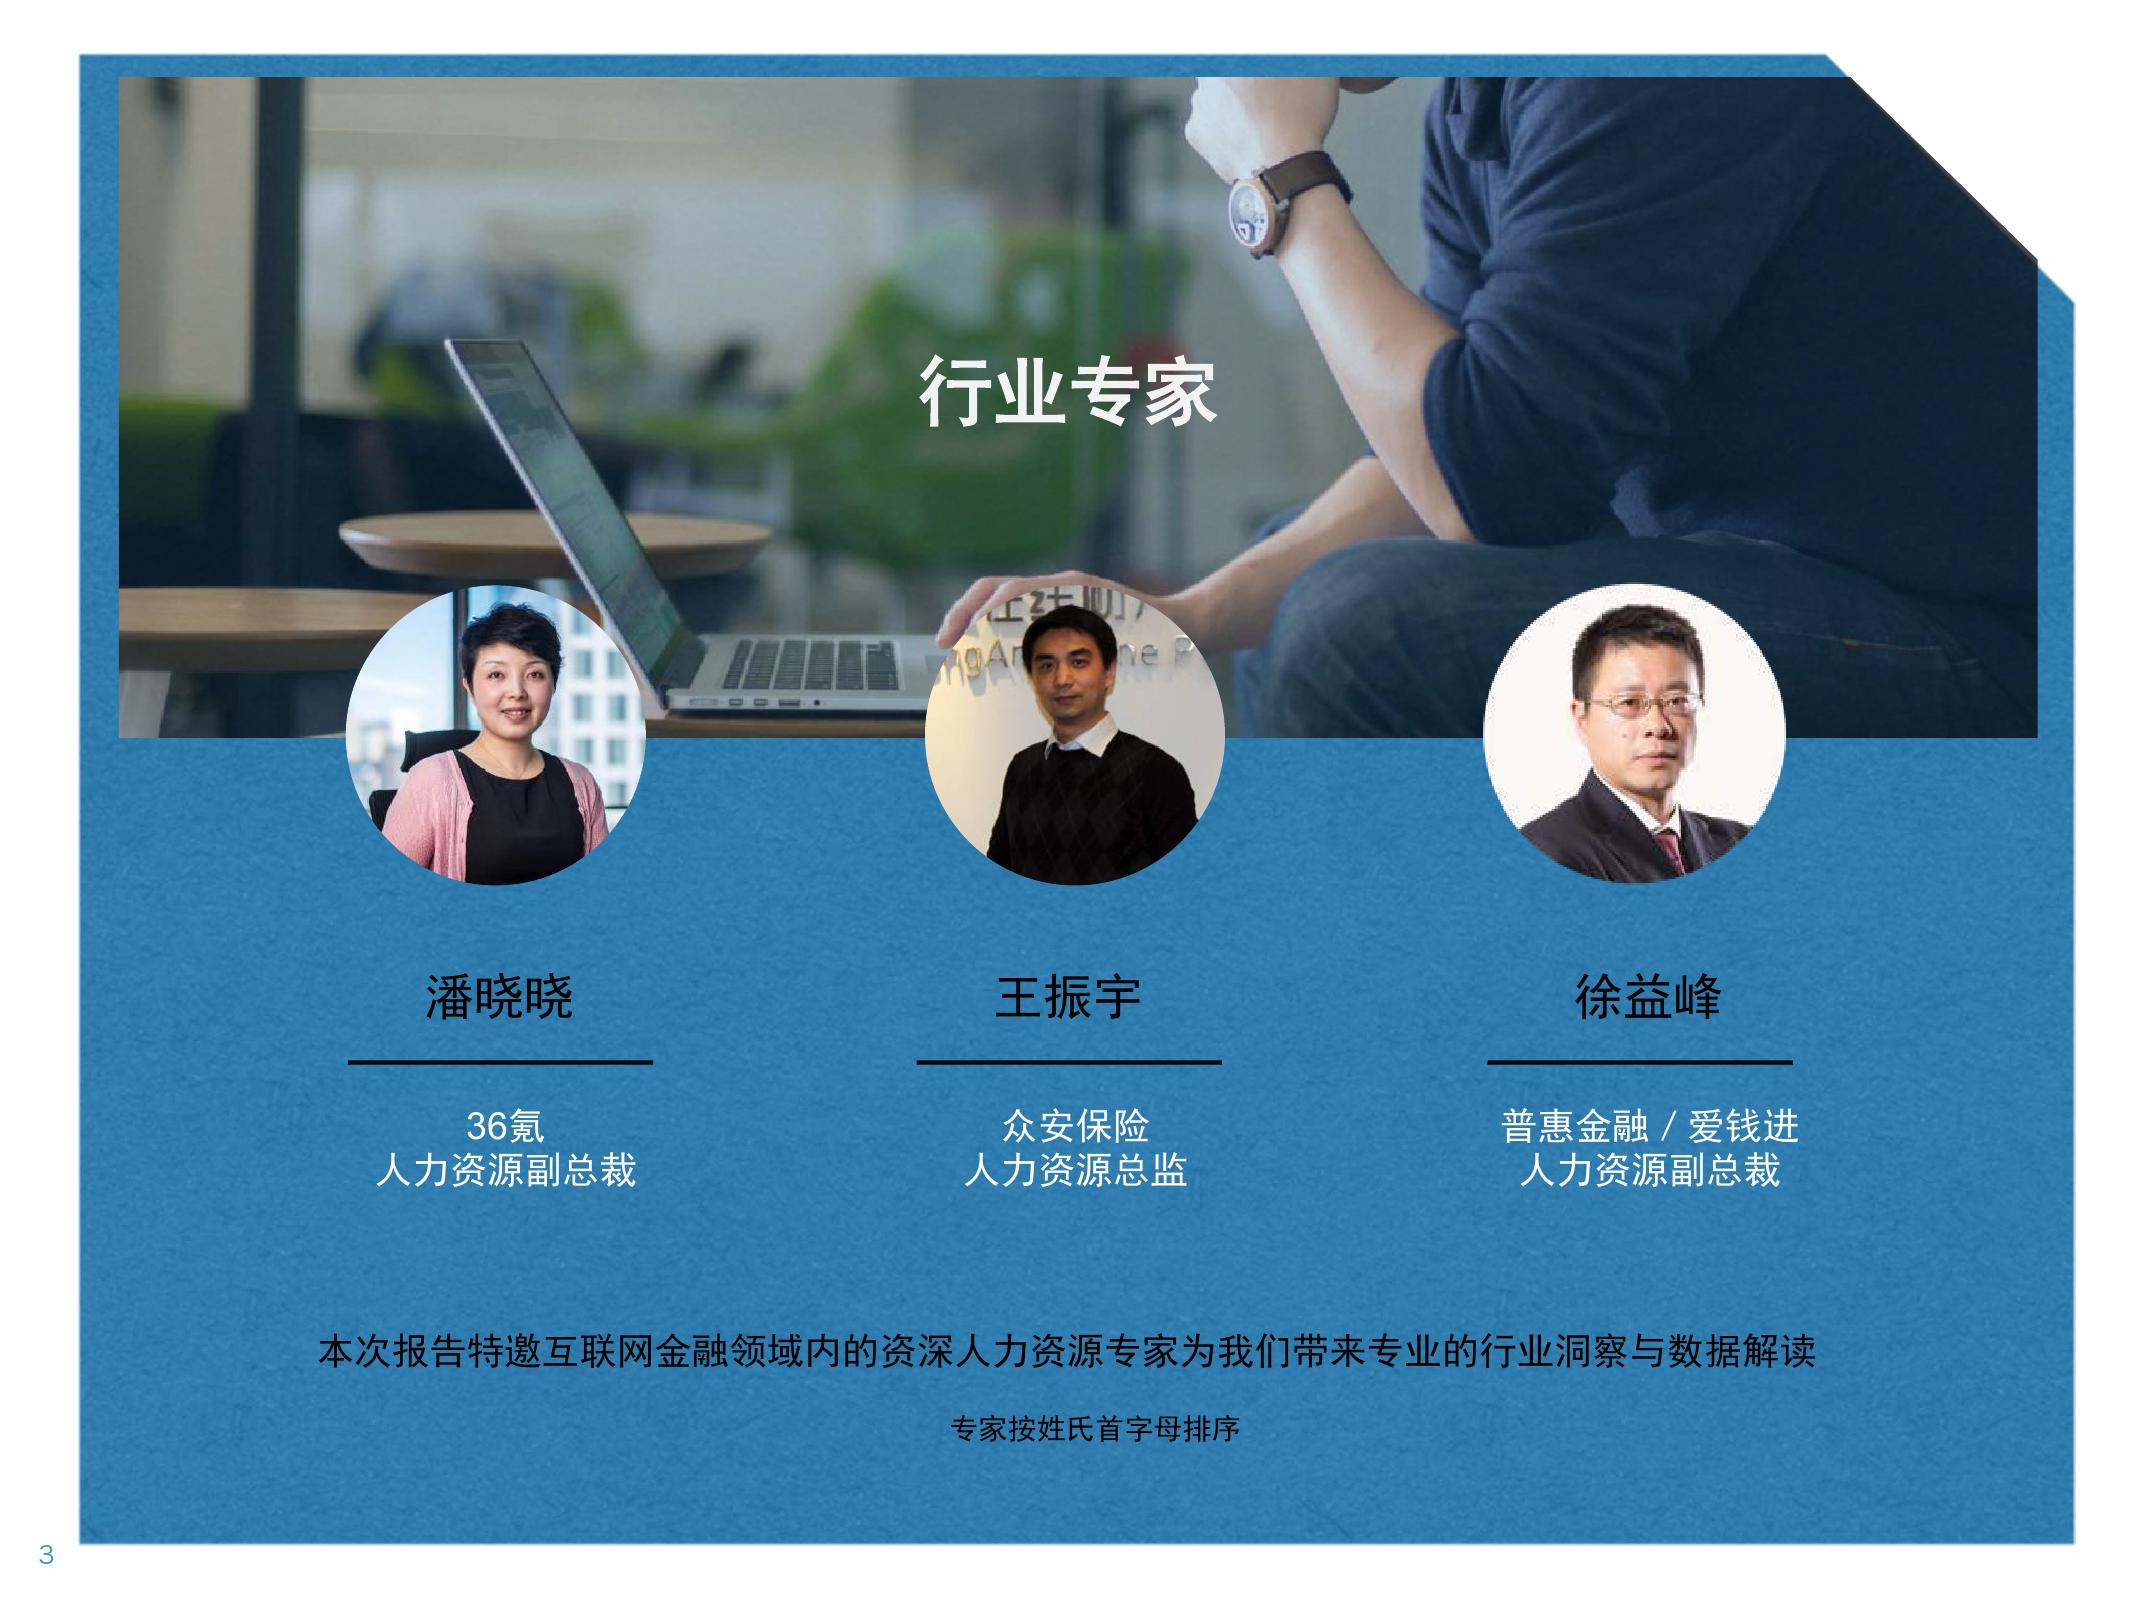 2016年中国互联网金融人才白皮书_000003